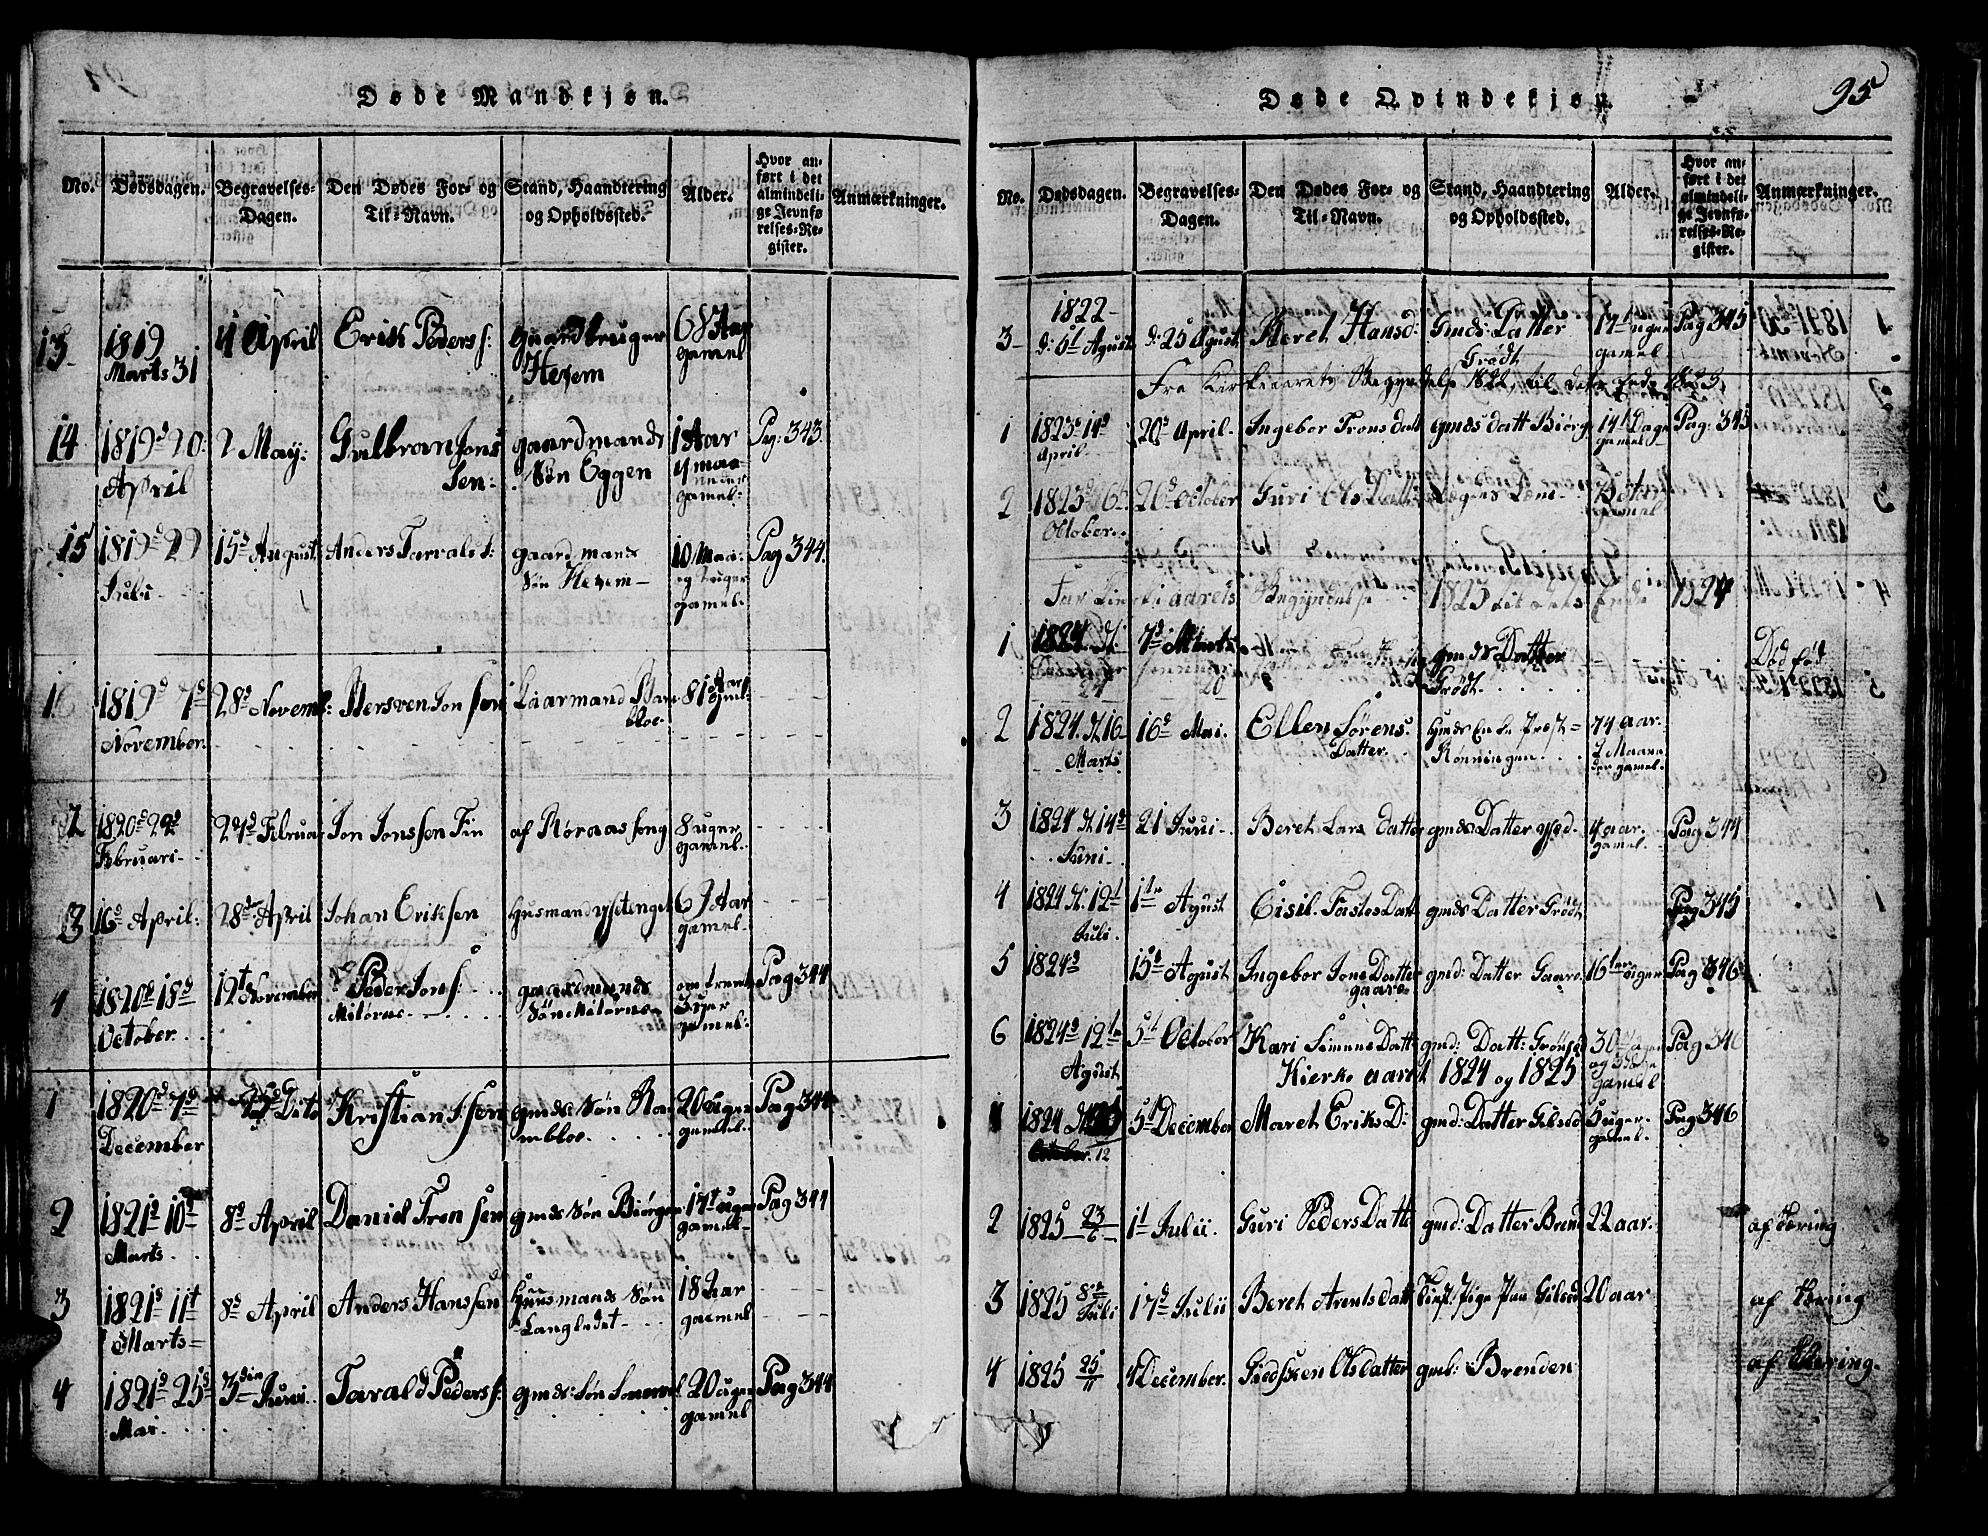 SAT, Ministerialprotokoller, klokkerbøker og fødselsregistre - Sør-Trøndelag, 685/L0976: Klokkerbok nr. 685C01, 1817-1878, s. 95